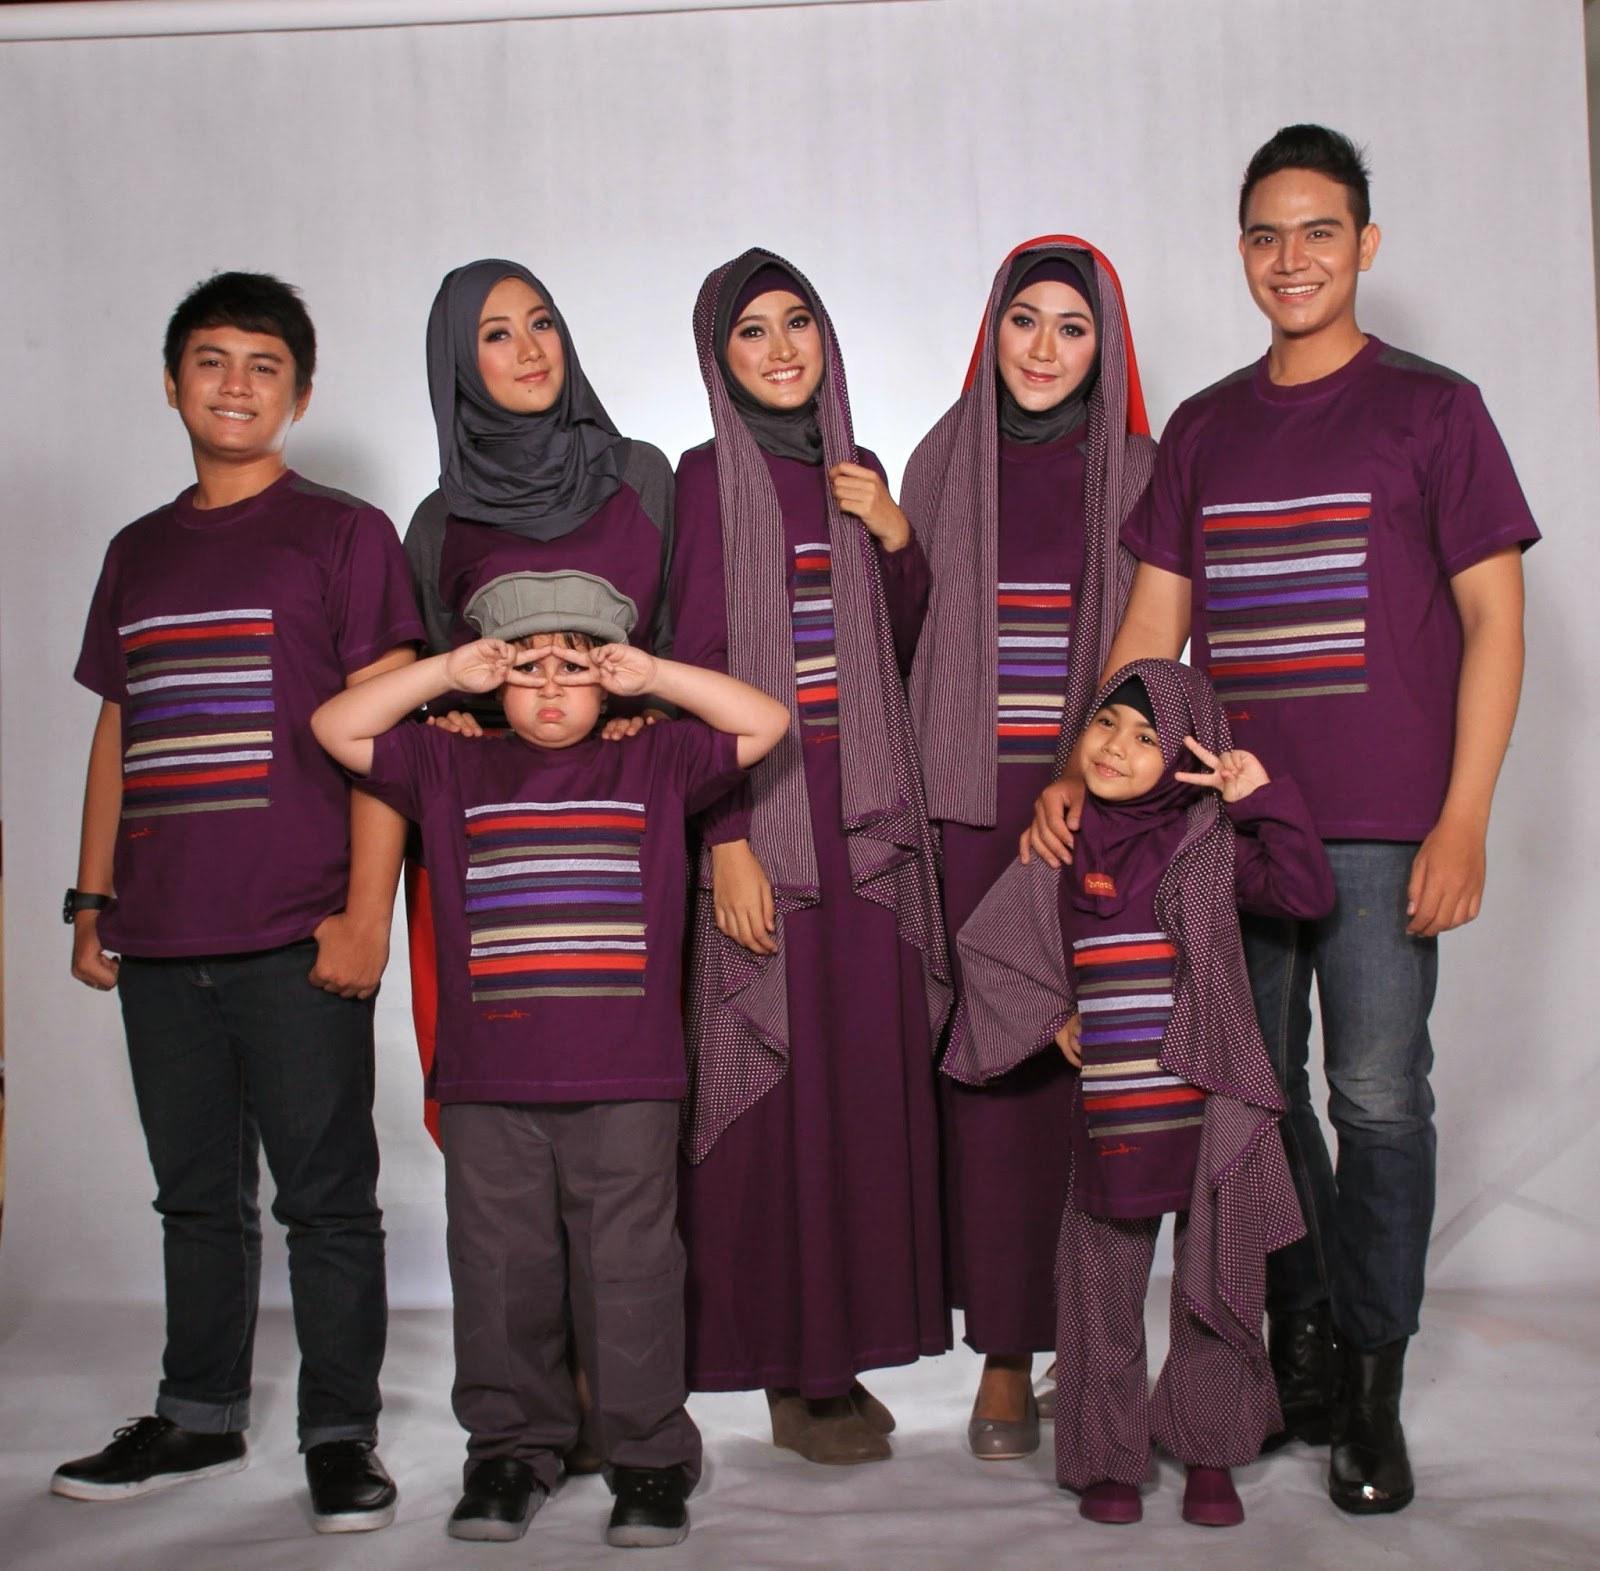 Design Seragam Baju Lebaran Keluarga D0dg 25 Model Baju Lebaran Keluarga 2018 Kompak & Modis